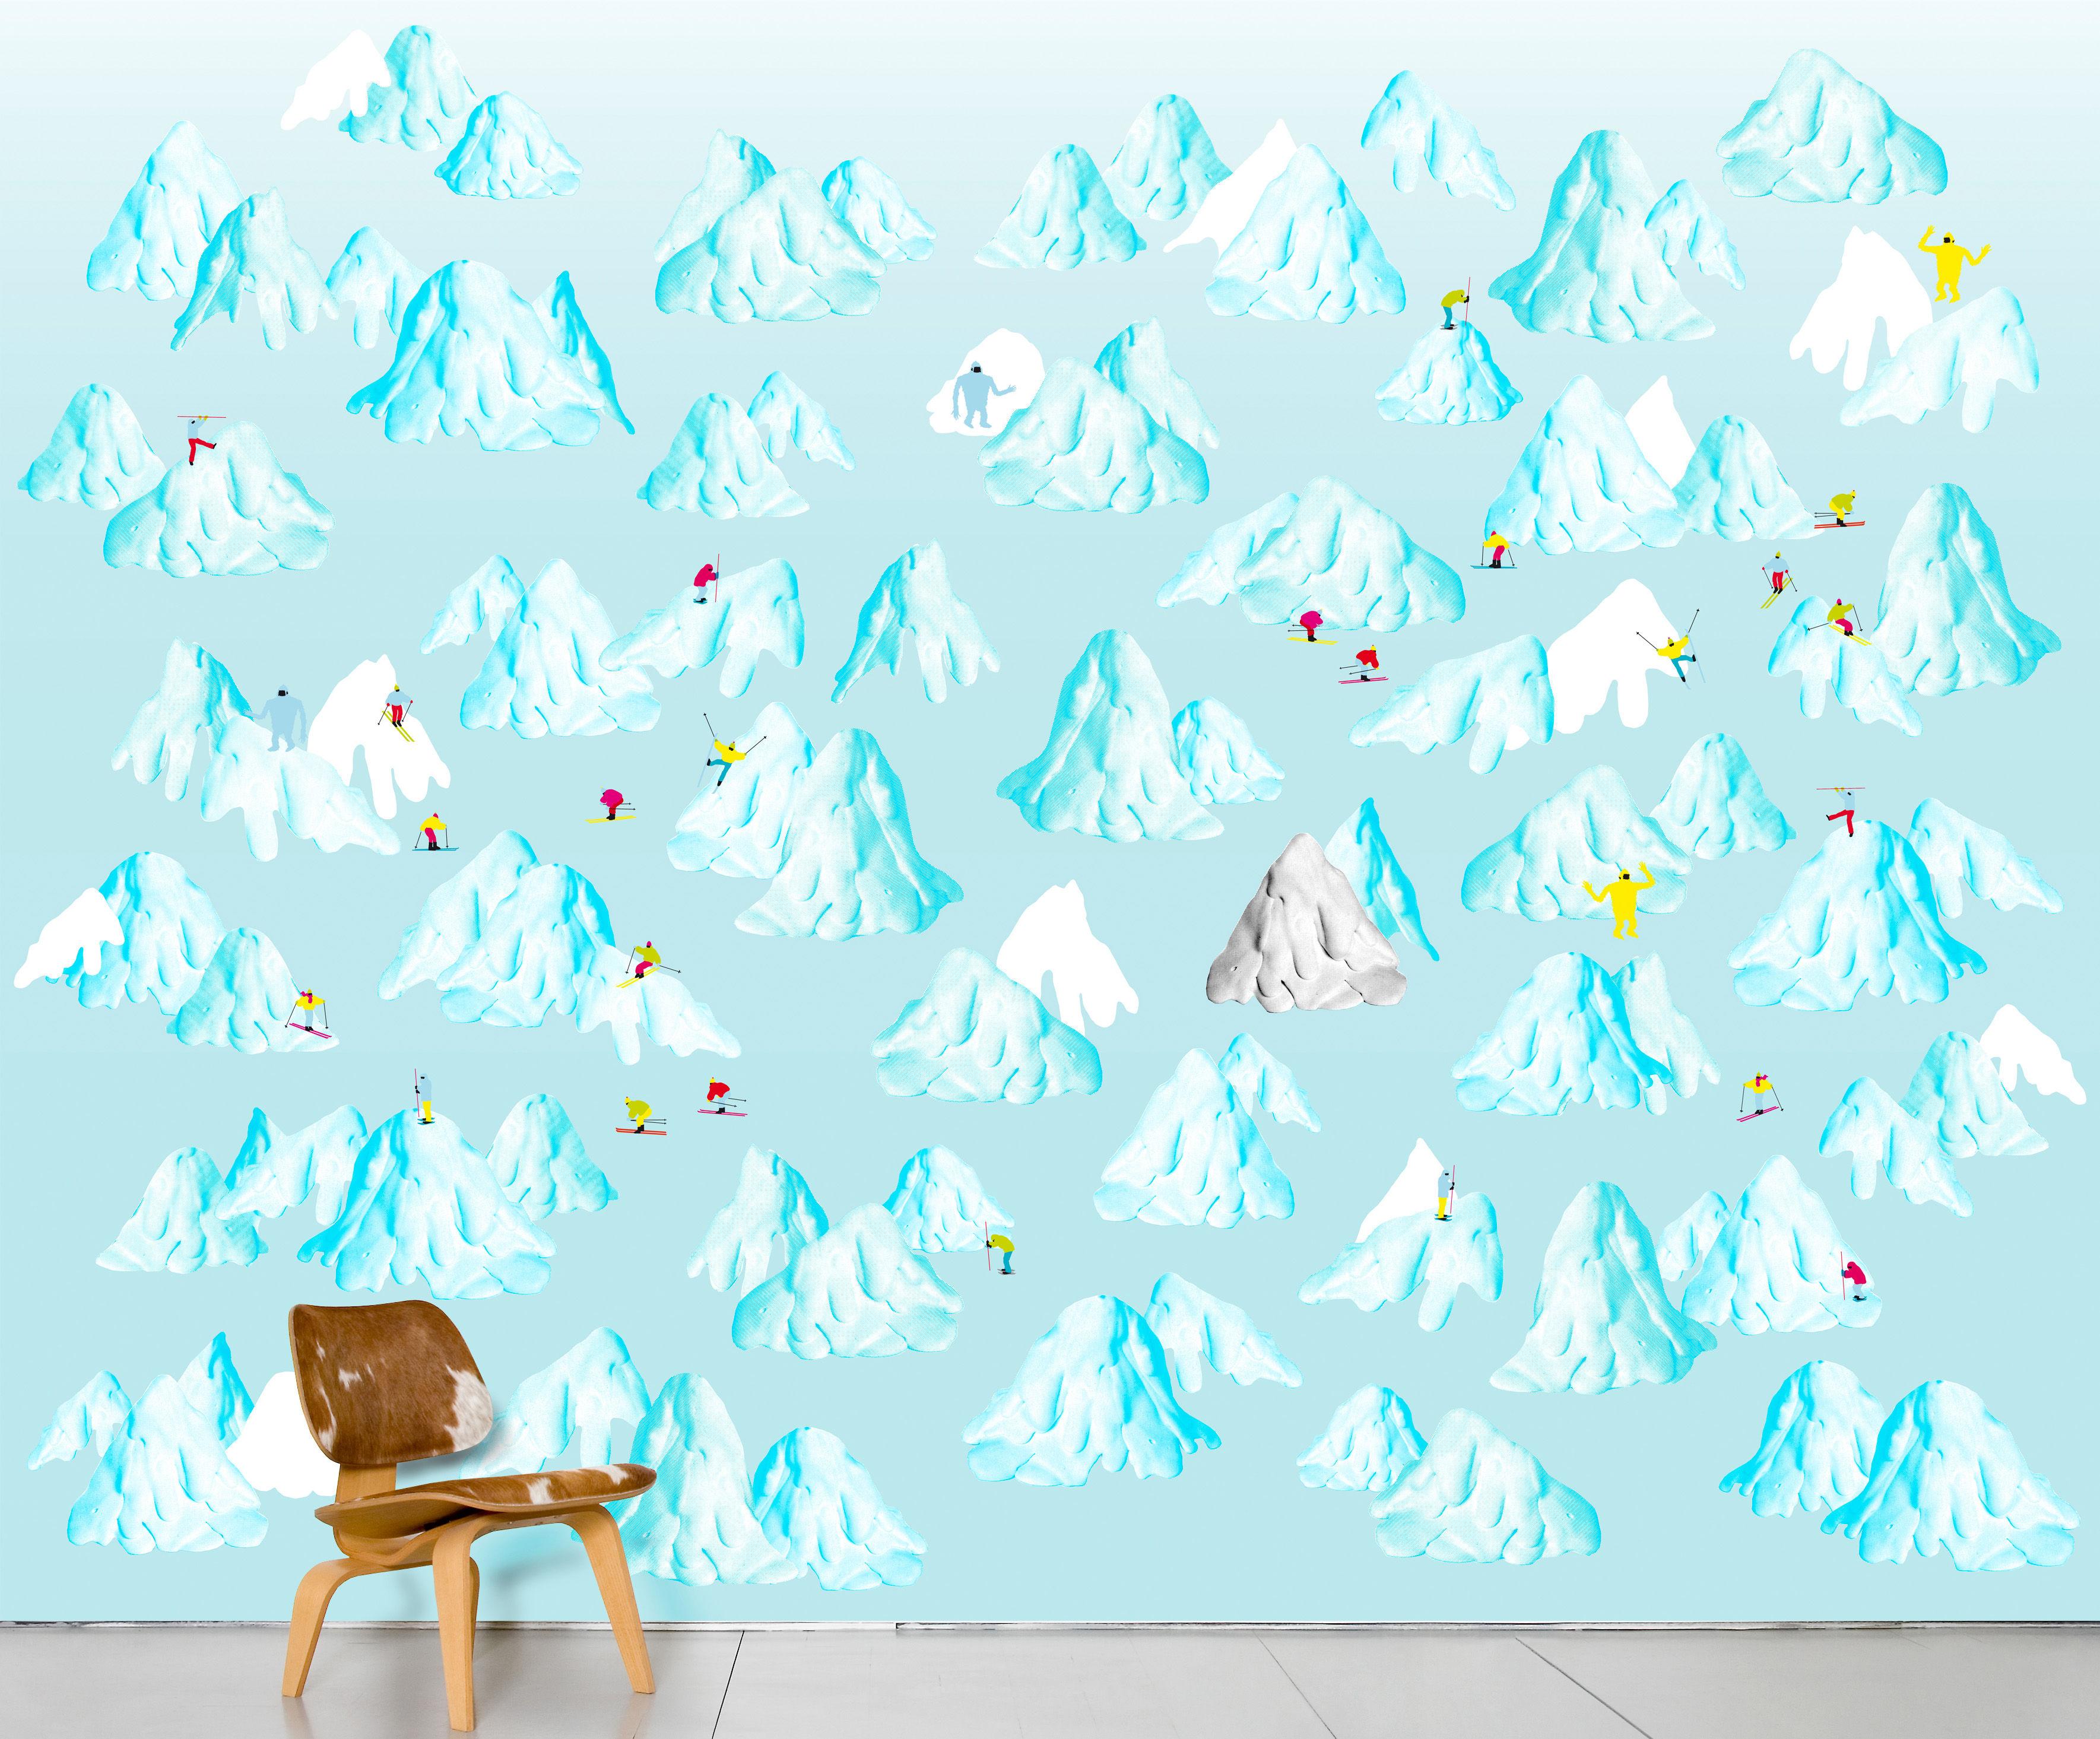 Déco - Stickers, papiers peints & posters - Papier peint panoramique Schuss / 8 lés - L 372 x H 300 cm - Domestic - Schuss - Papier intissé